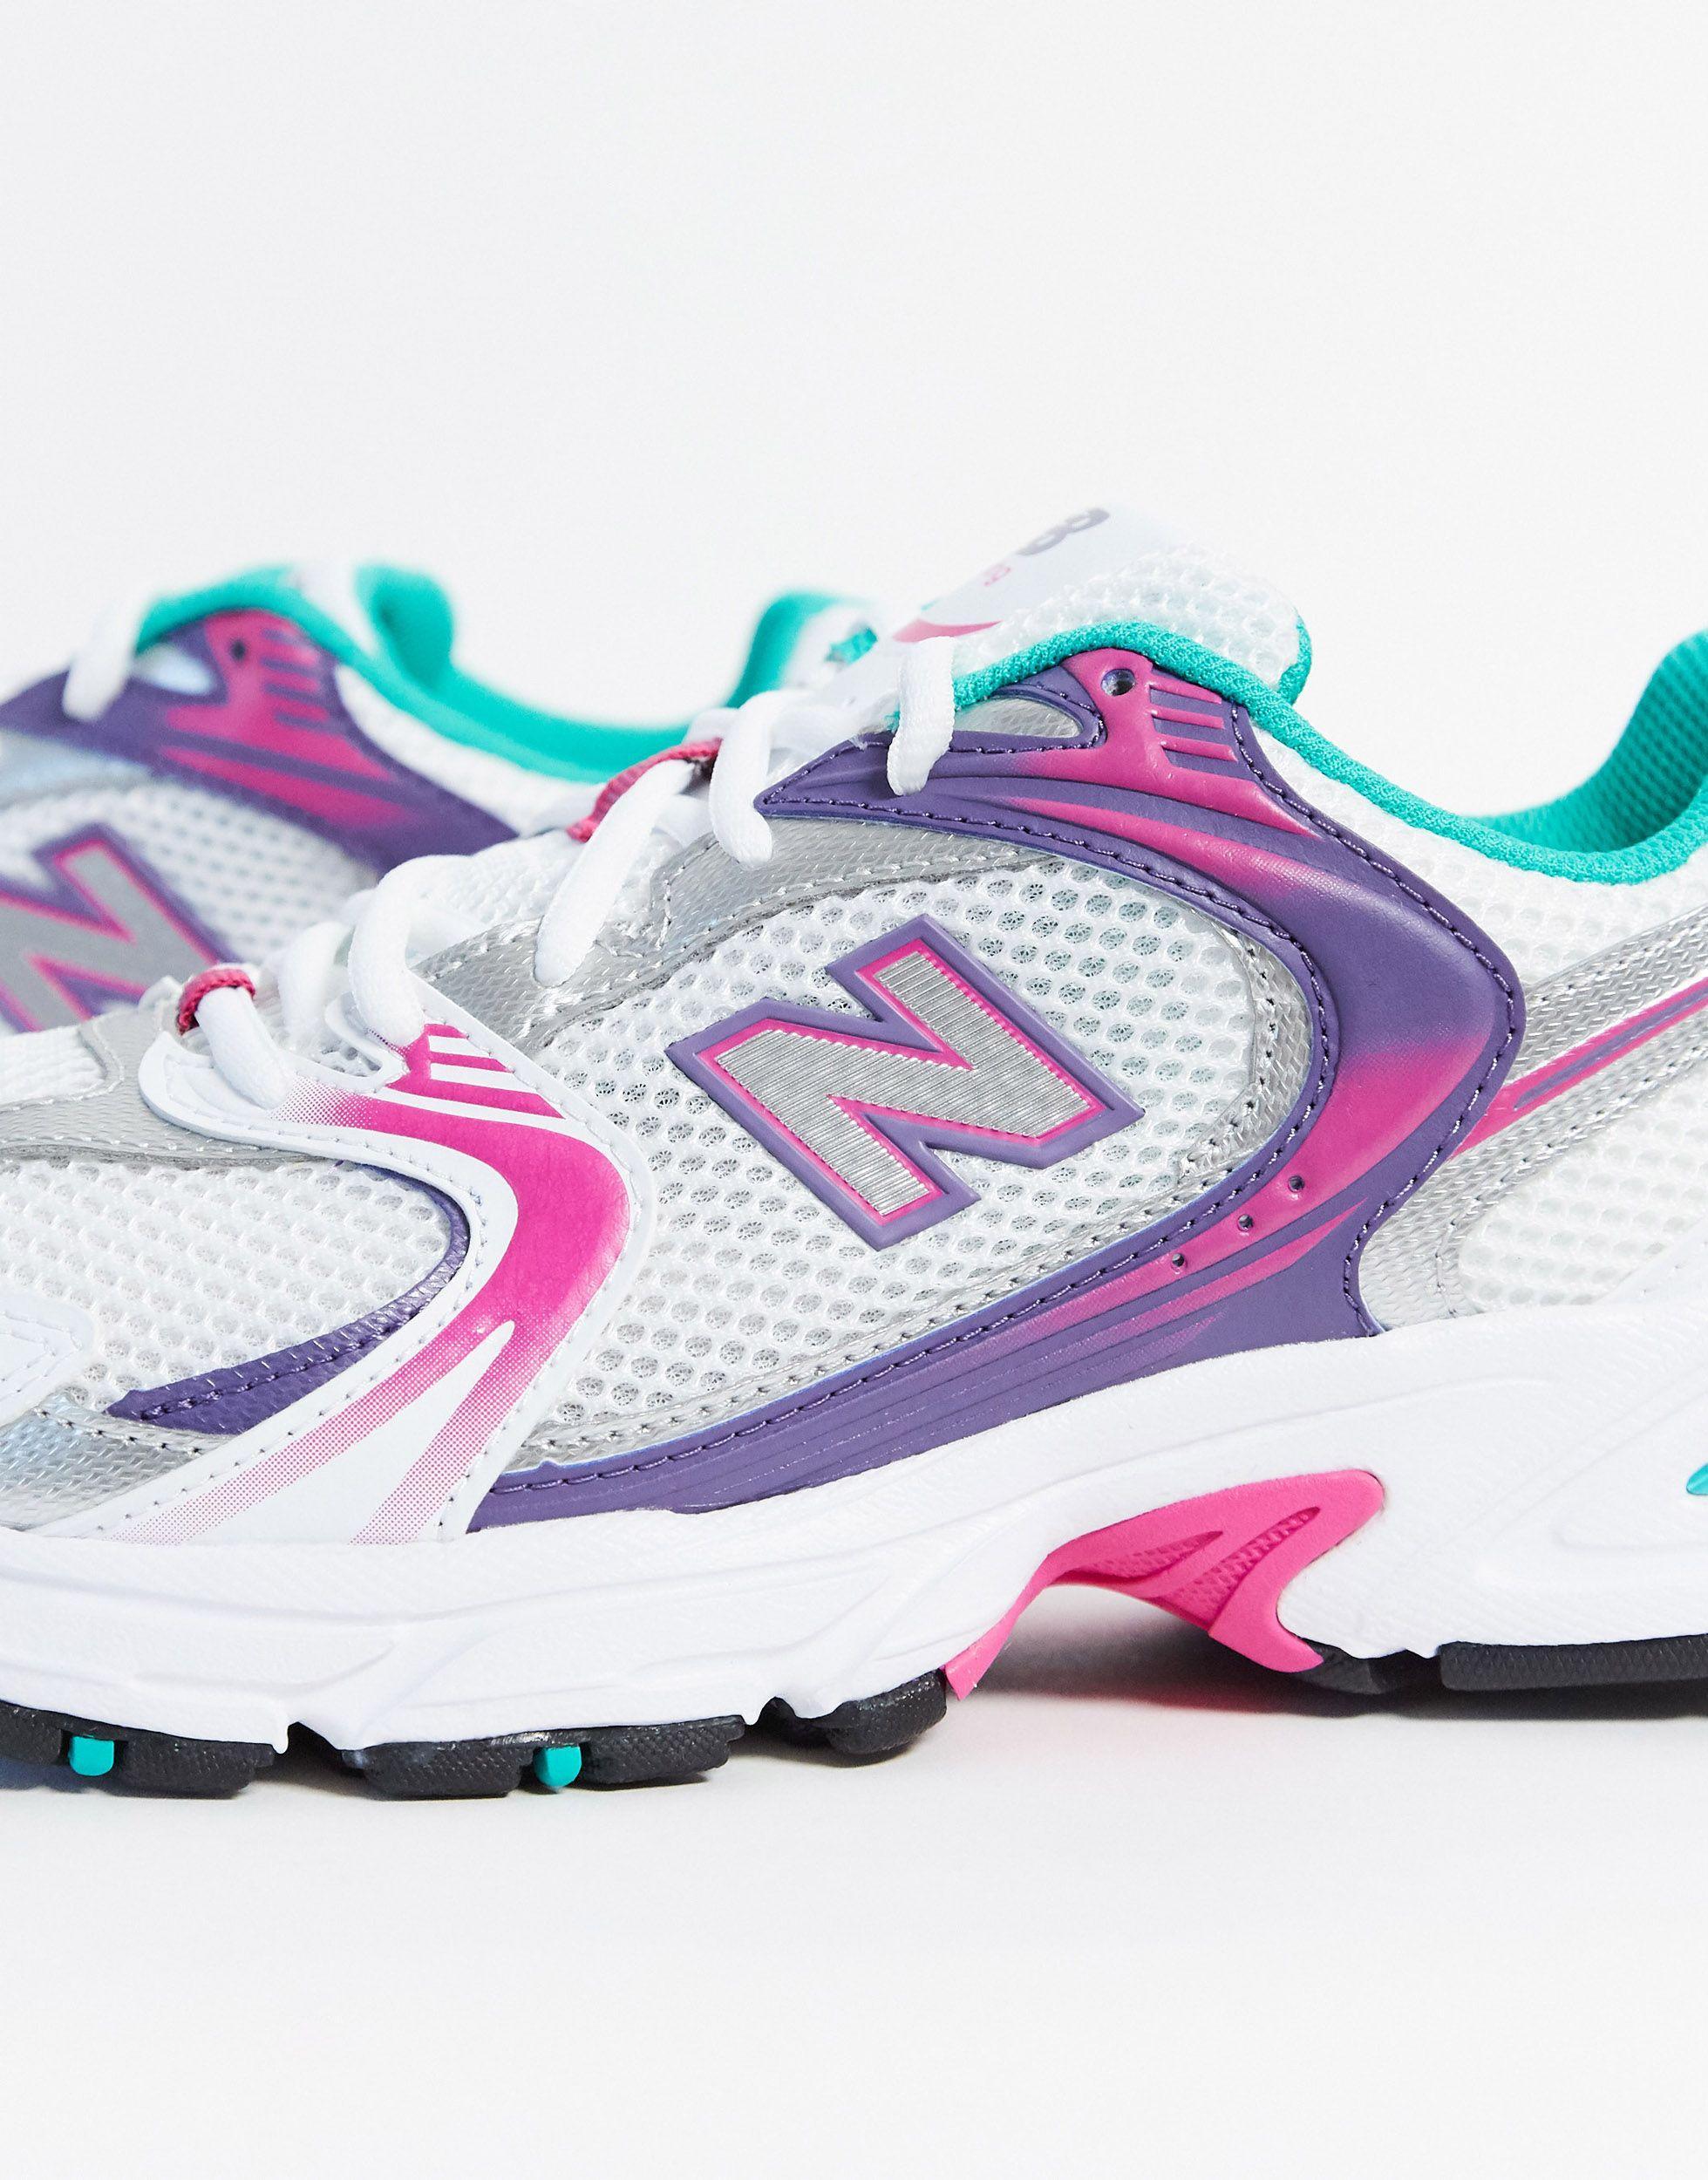 530 - Baskets - Blanc et violet New Balance en coloris Rose - Lyst